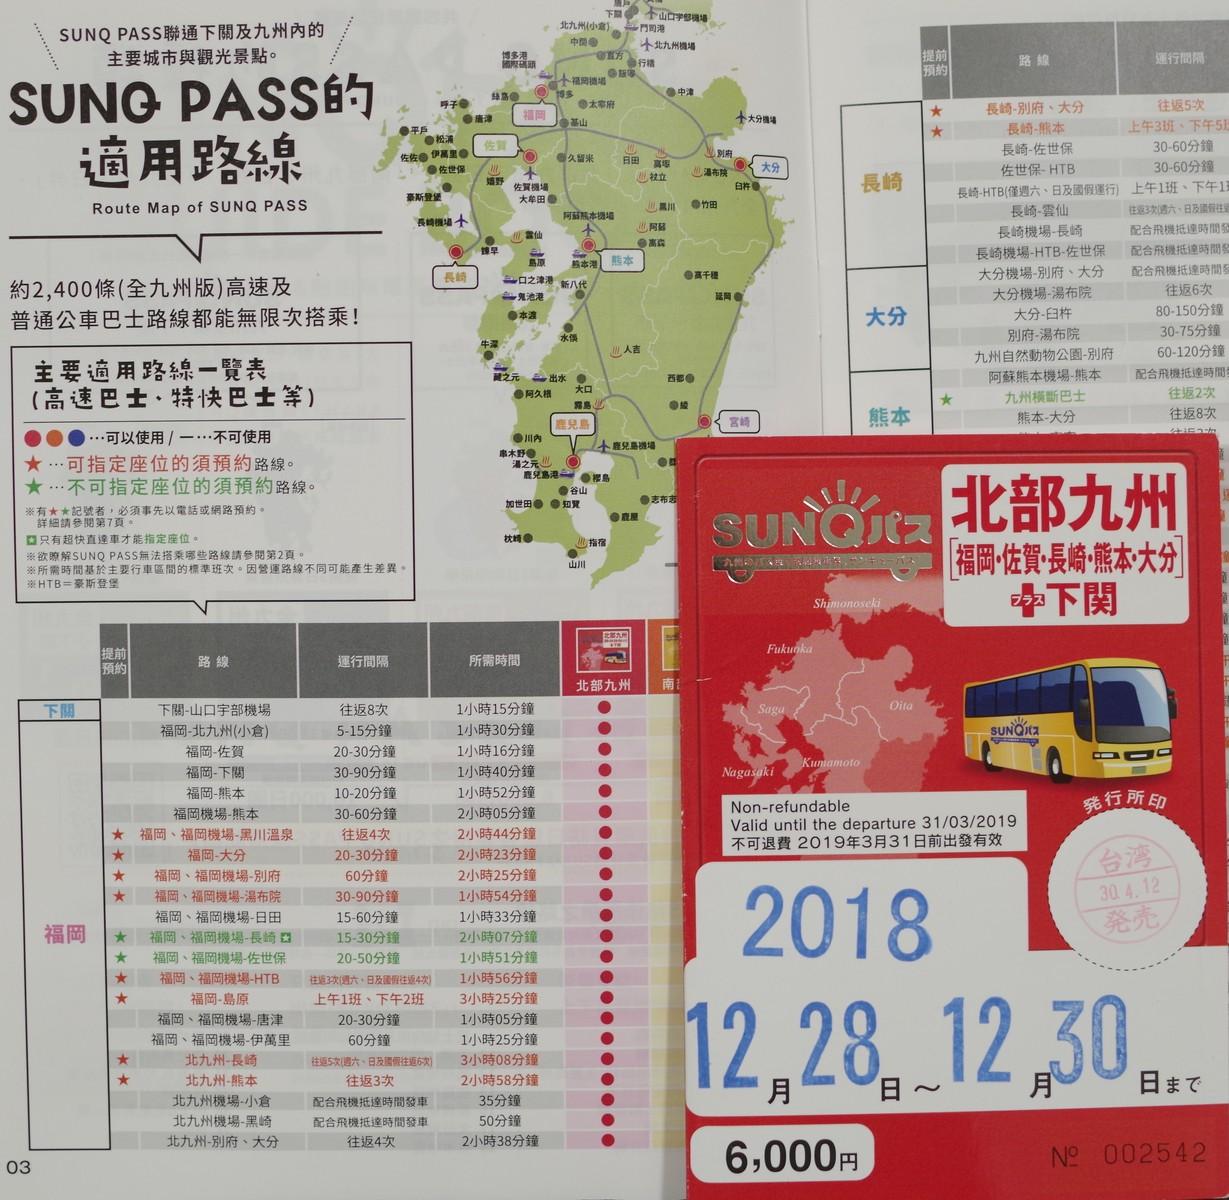 旅行社寄出的 SUNQ PASS 票券已經印好使用日期